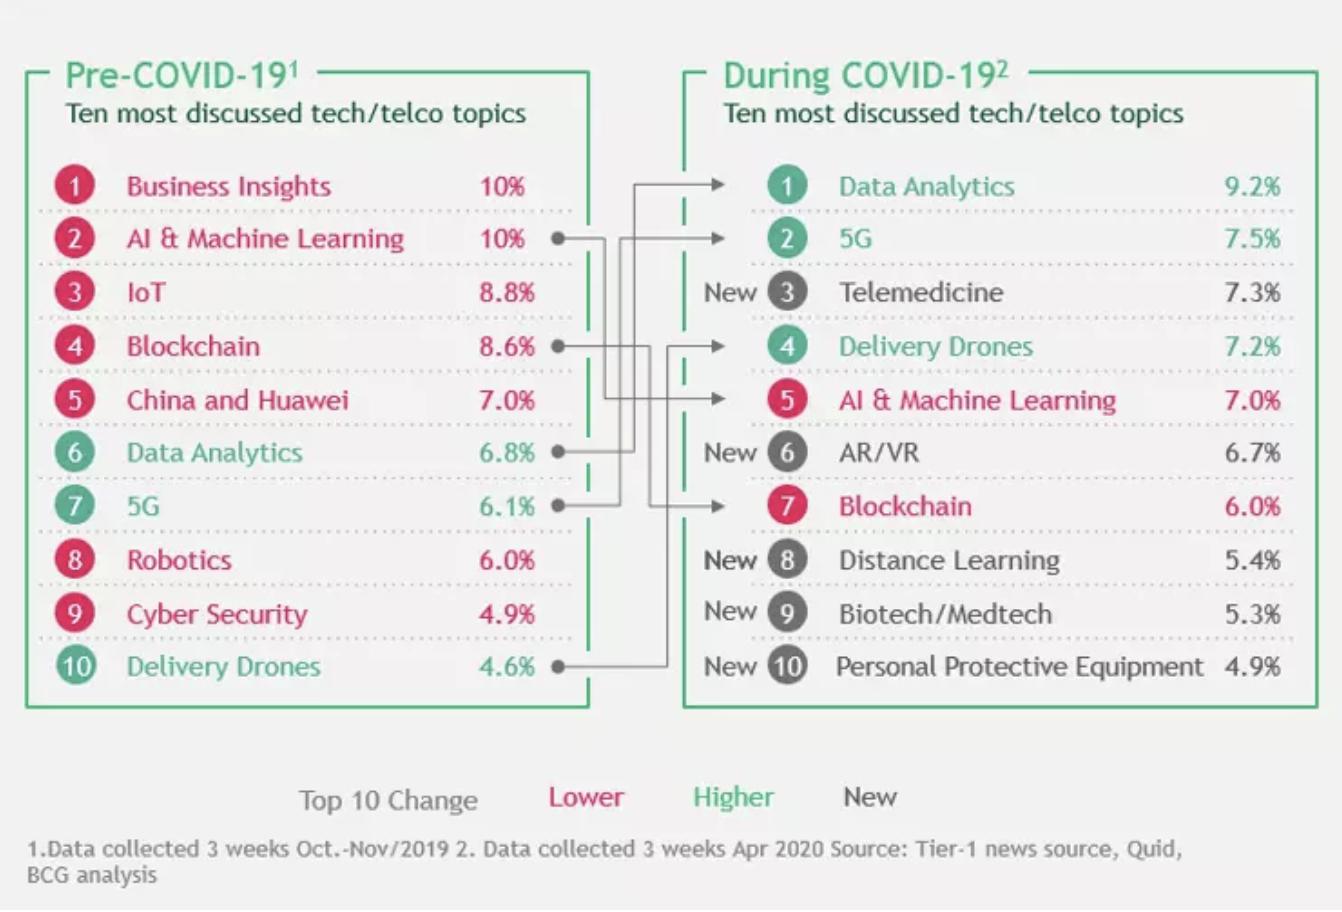 Los 10 temas técnicos más discutidos después de COVID-19